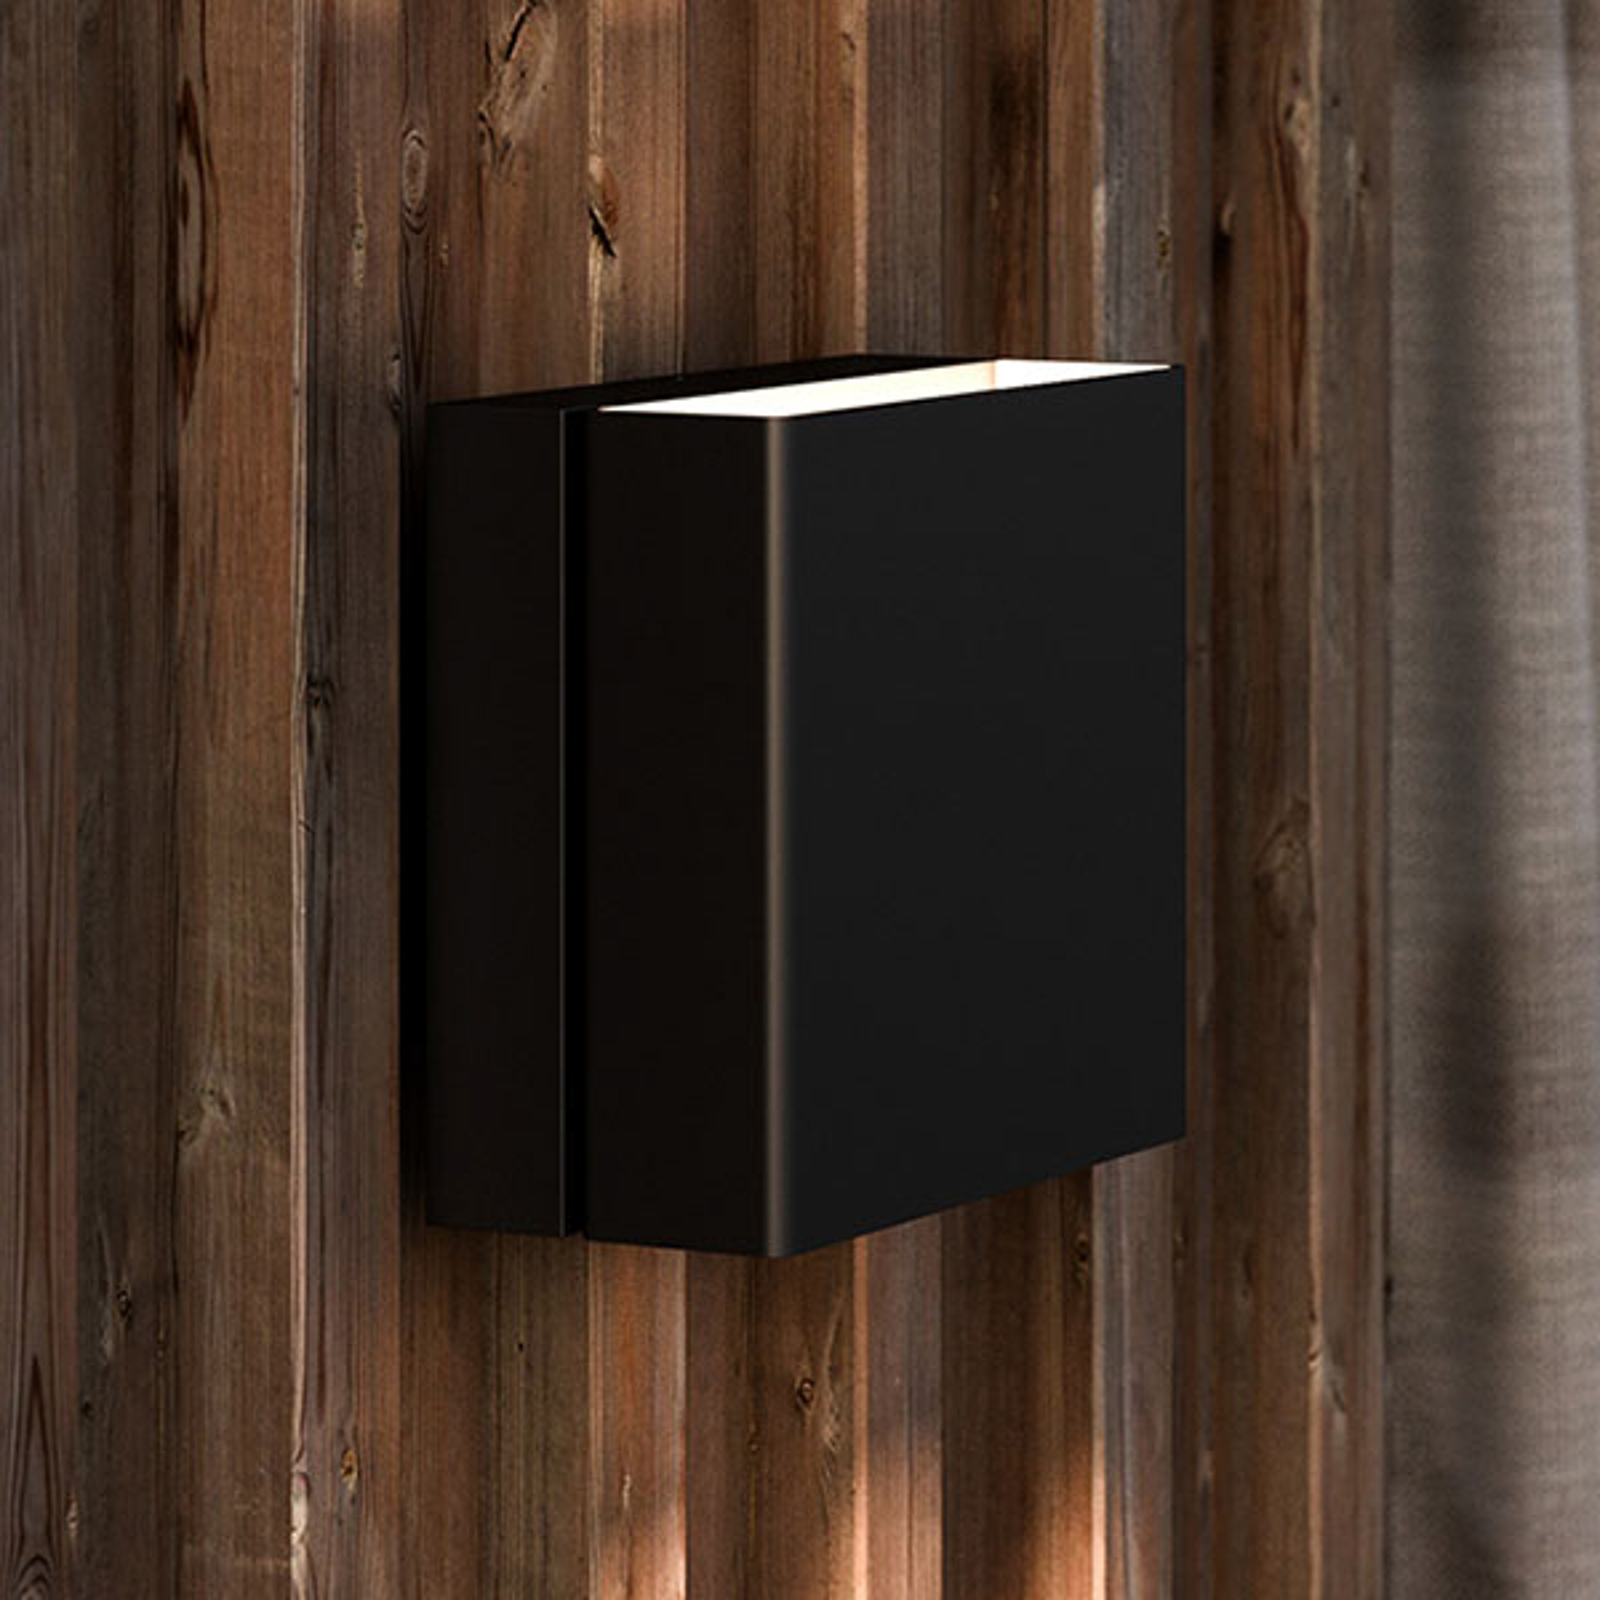 LED-Außenwandleuchte Turn, dimmbar, schwarz